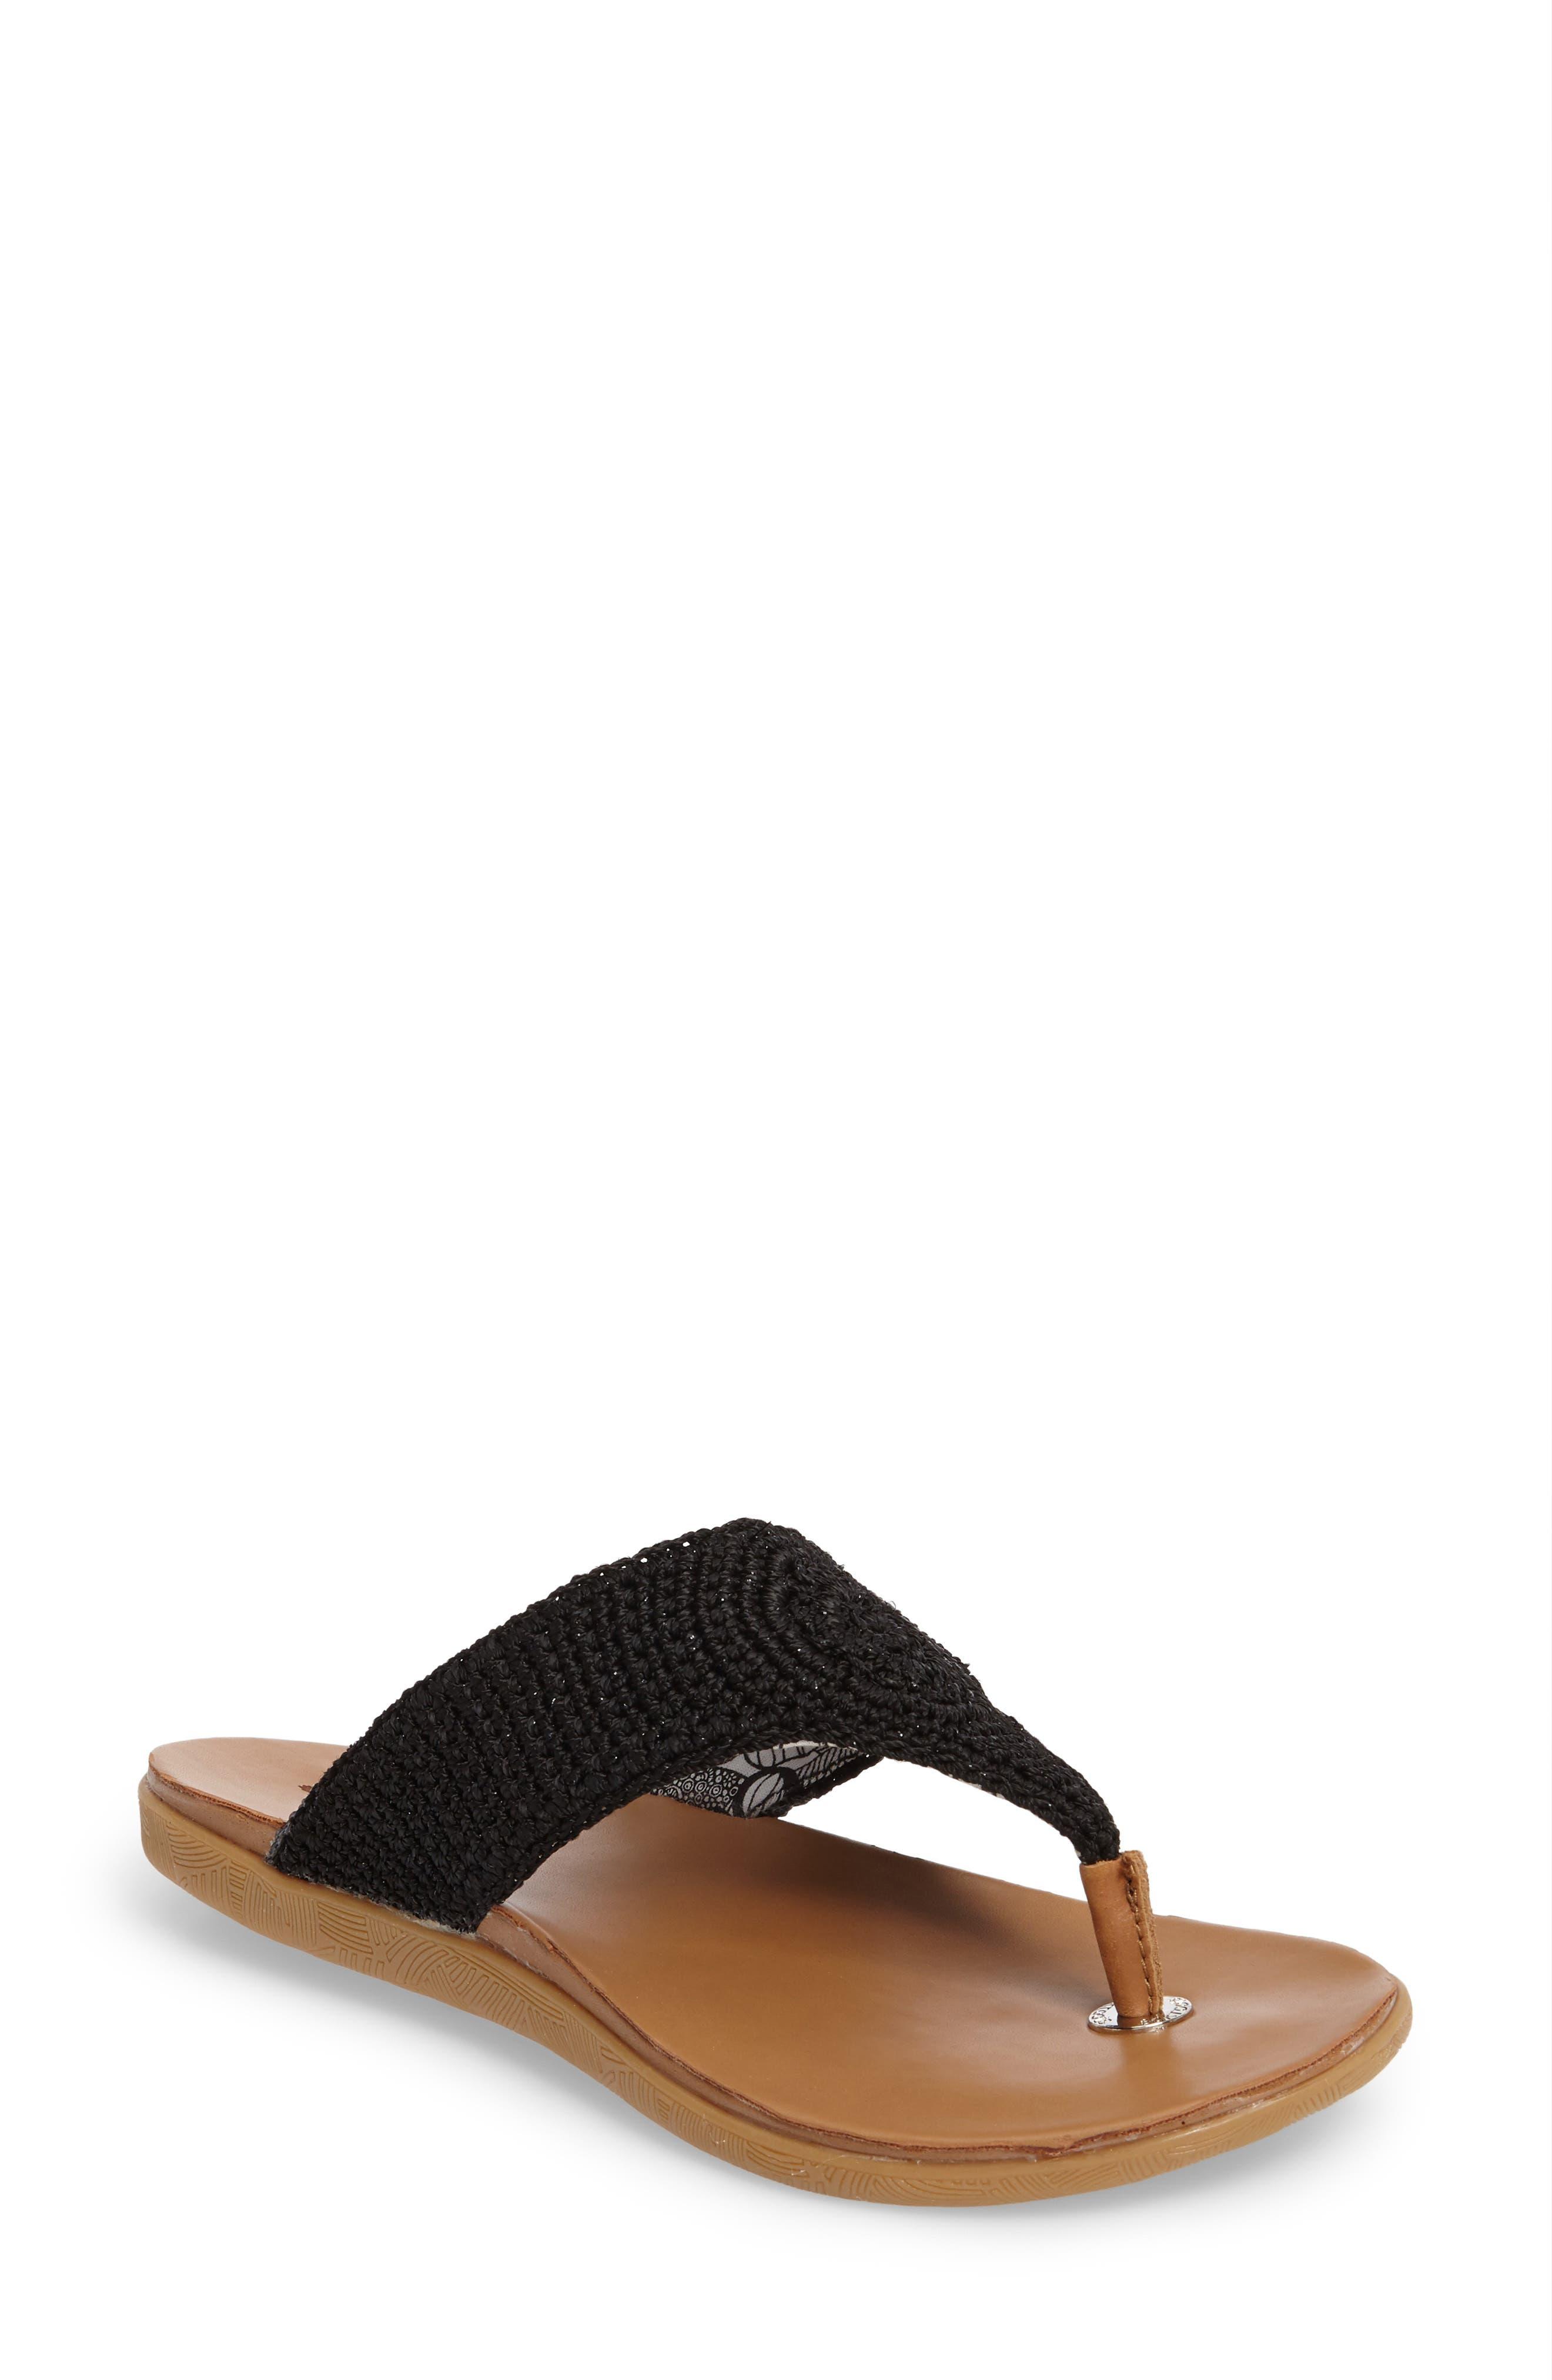 Sarria Flip Flop,                             Main thumbnail 1, color,                             BLACK SPARKLE FABRIC